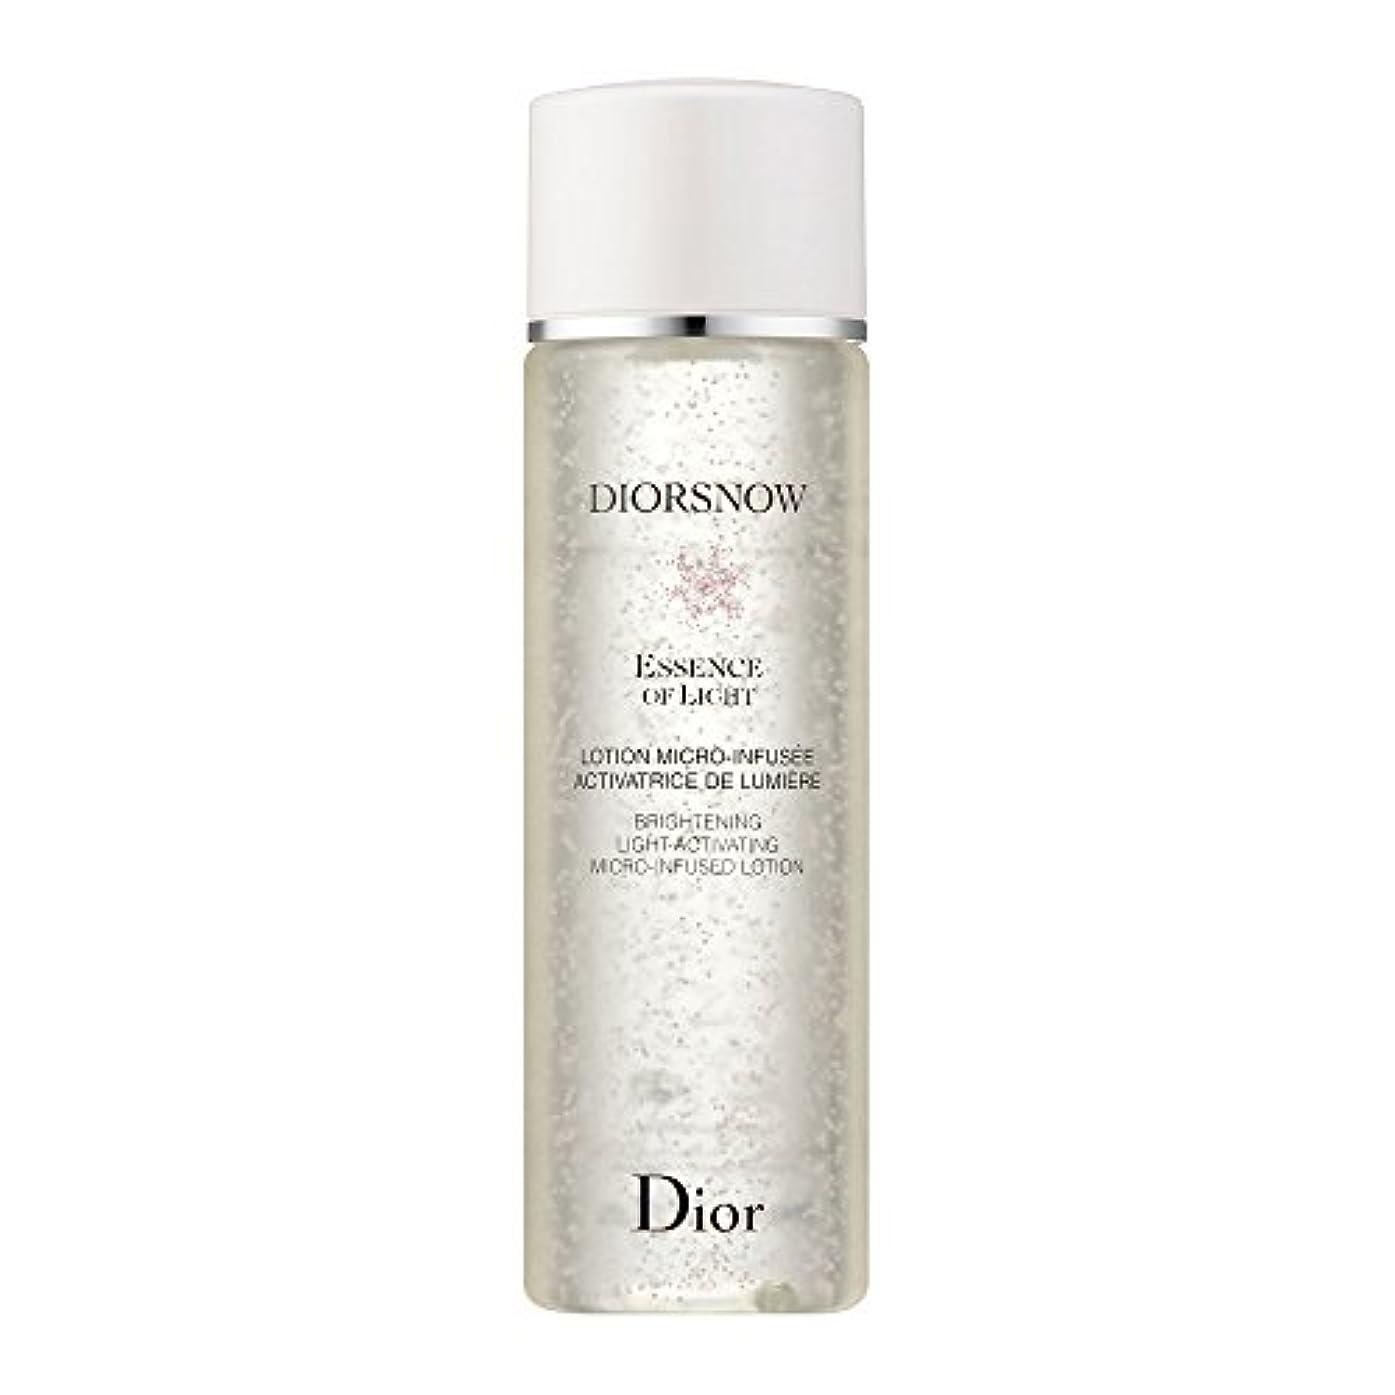 ローストゴールドたるみクリスチャン ディオール(Christian Dior) スノー ブライトニング エッセンスローション 200ml[並行輸入品]